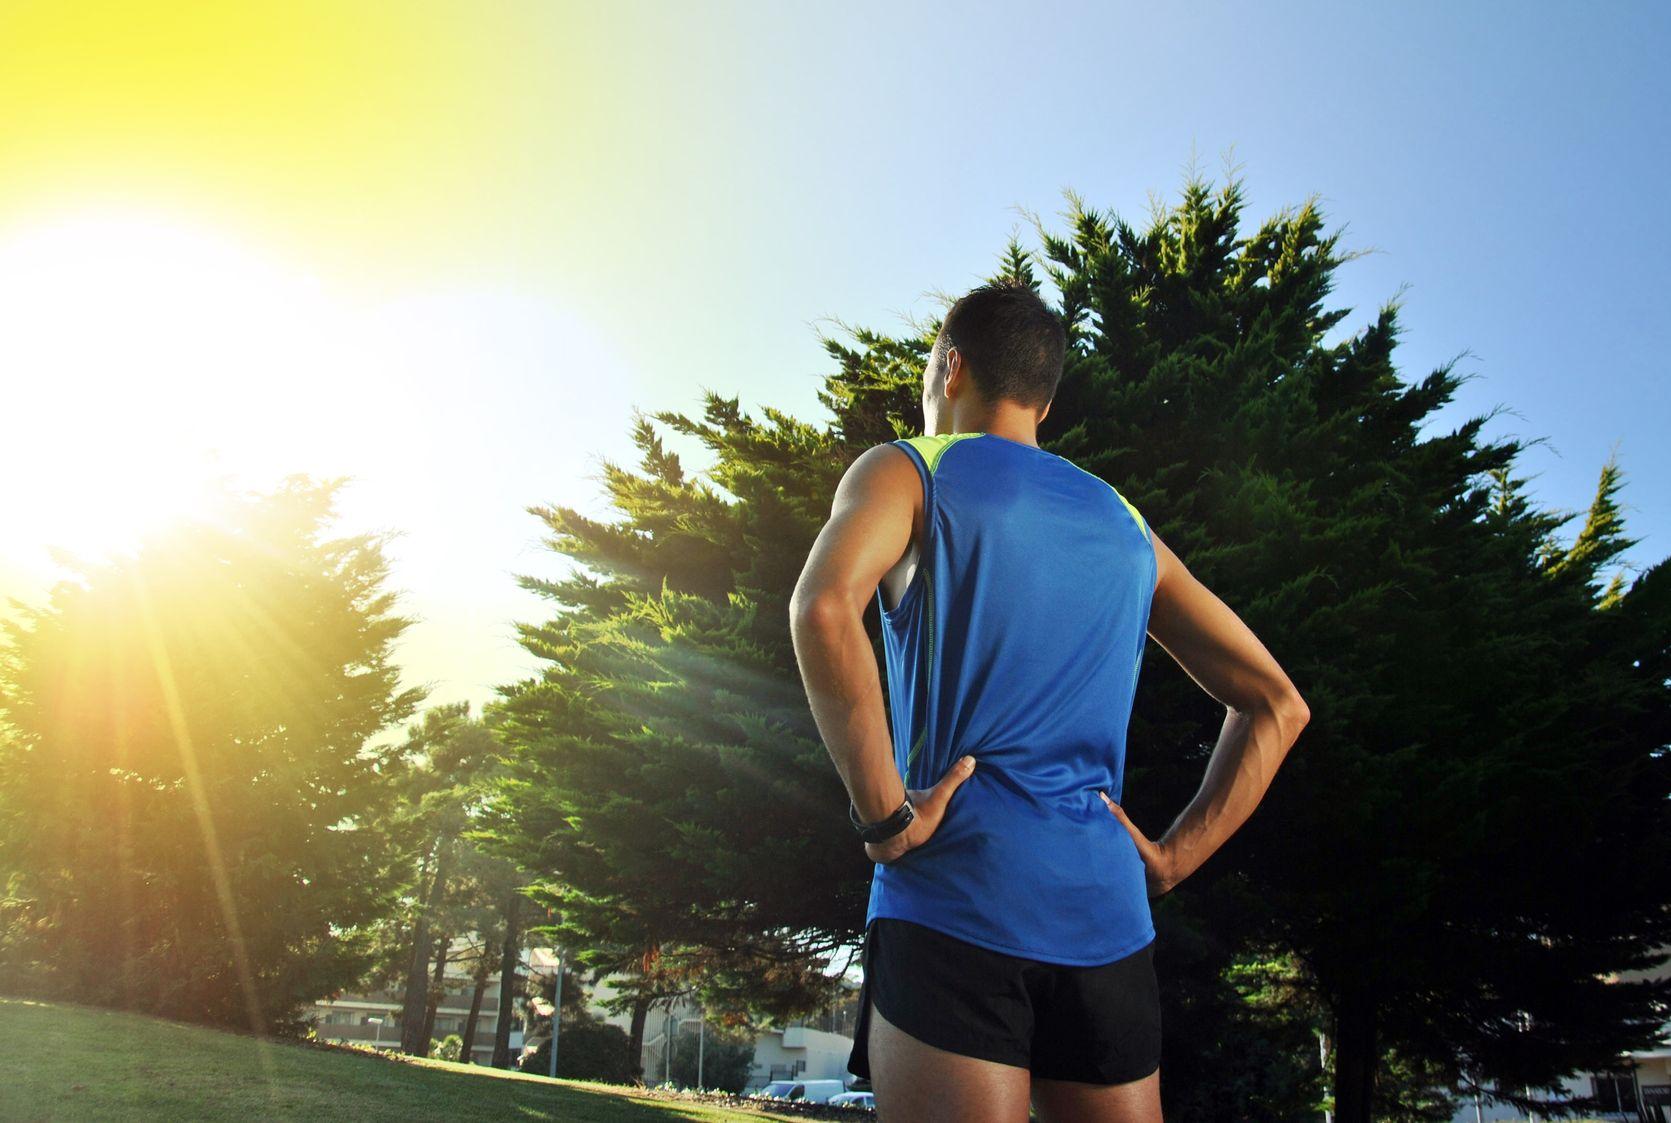 Ny løbefestival bliver samlingspunkt for danske løbere